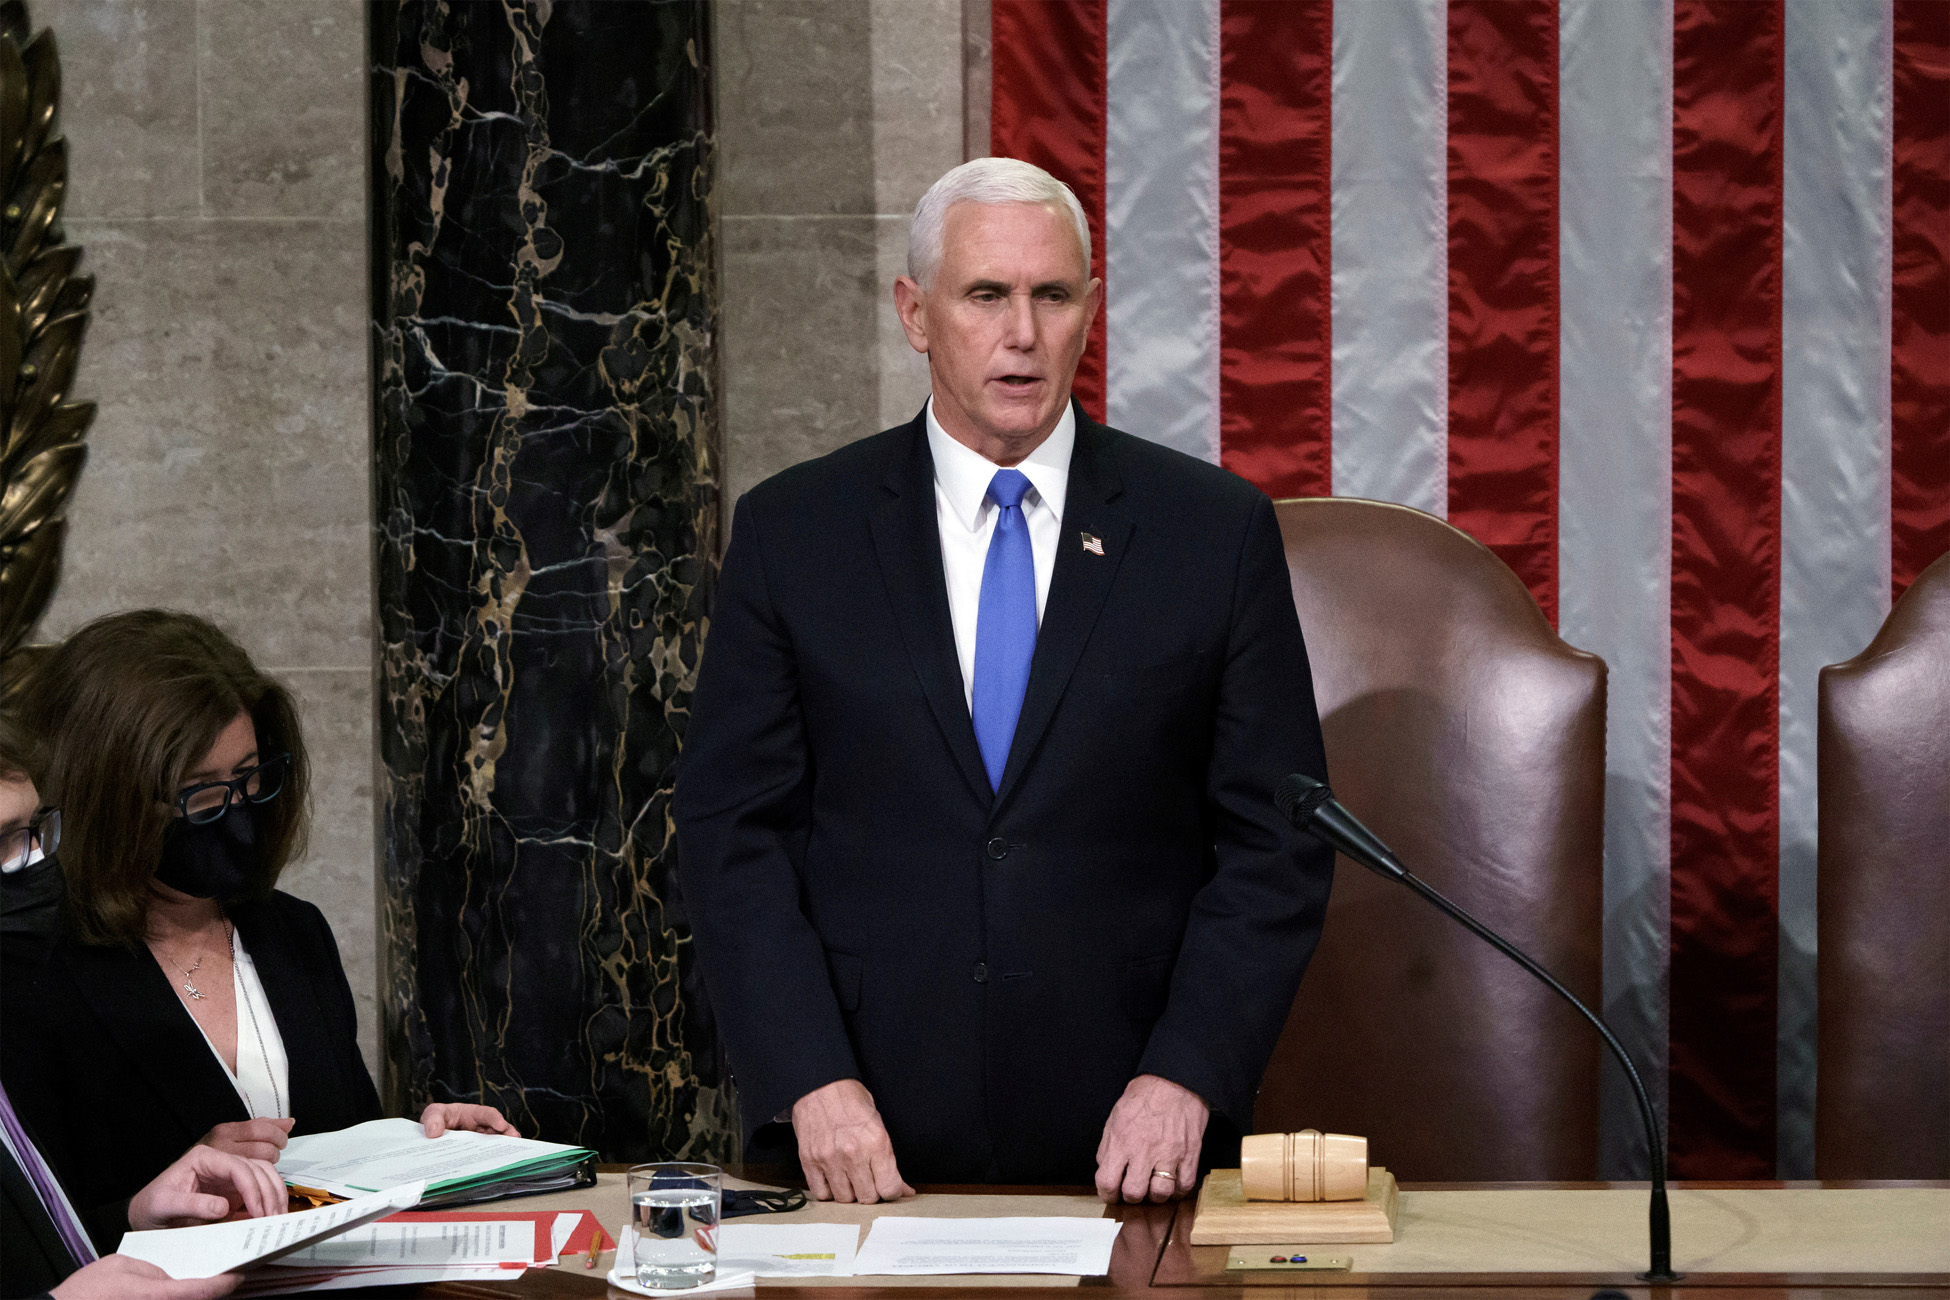 ΗΠΑ: Ο Μάικ Πενς «άδειασε»Τραμπ και μίλησε με την Καμάλα Χάρις